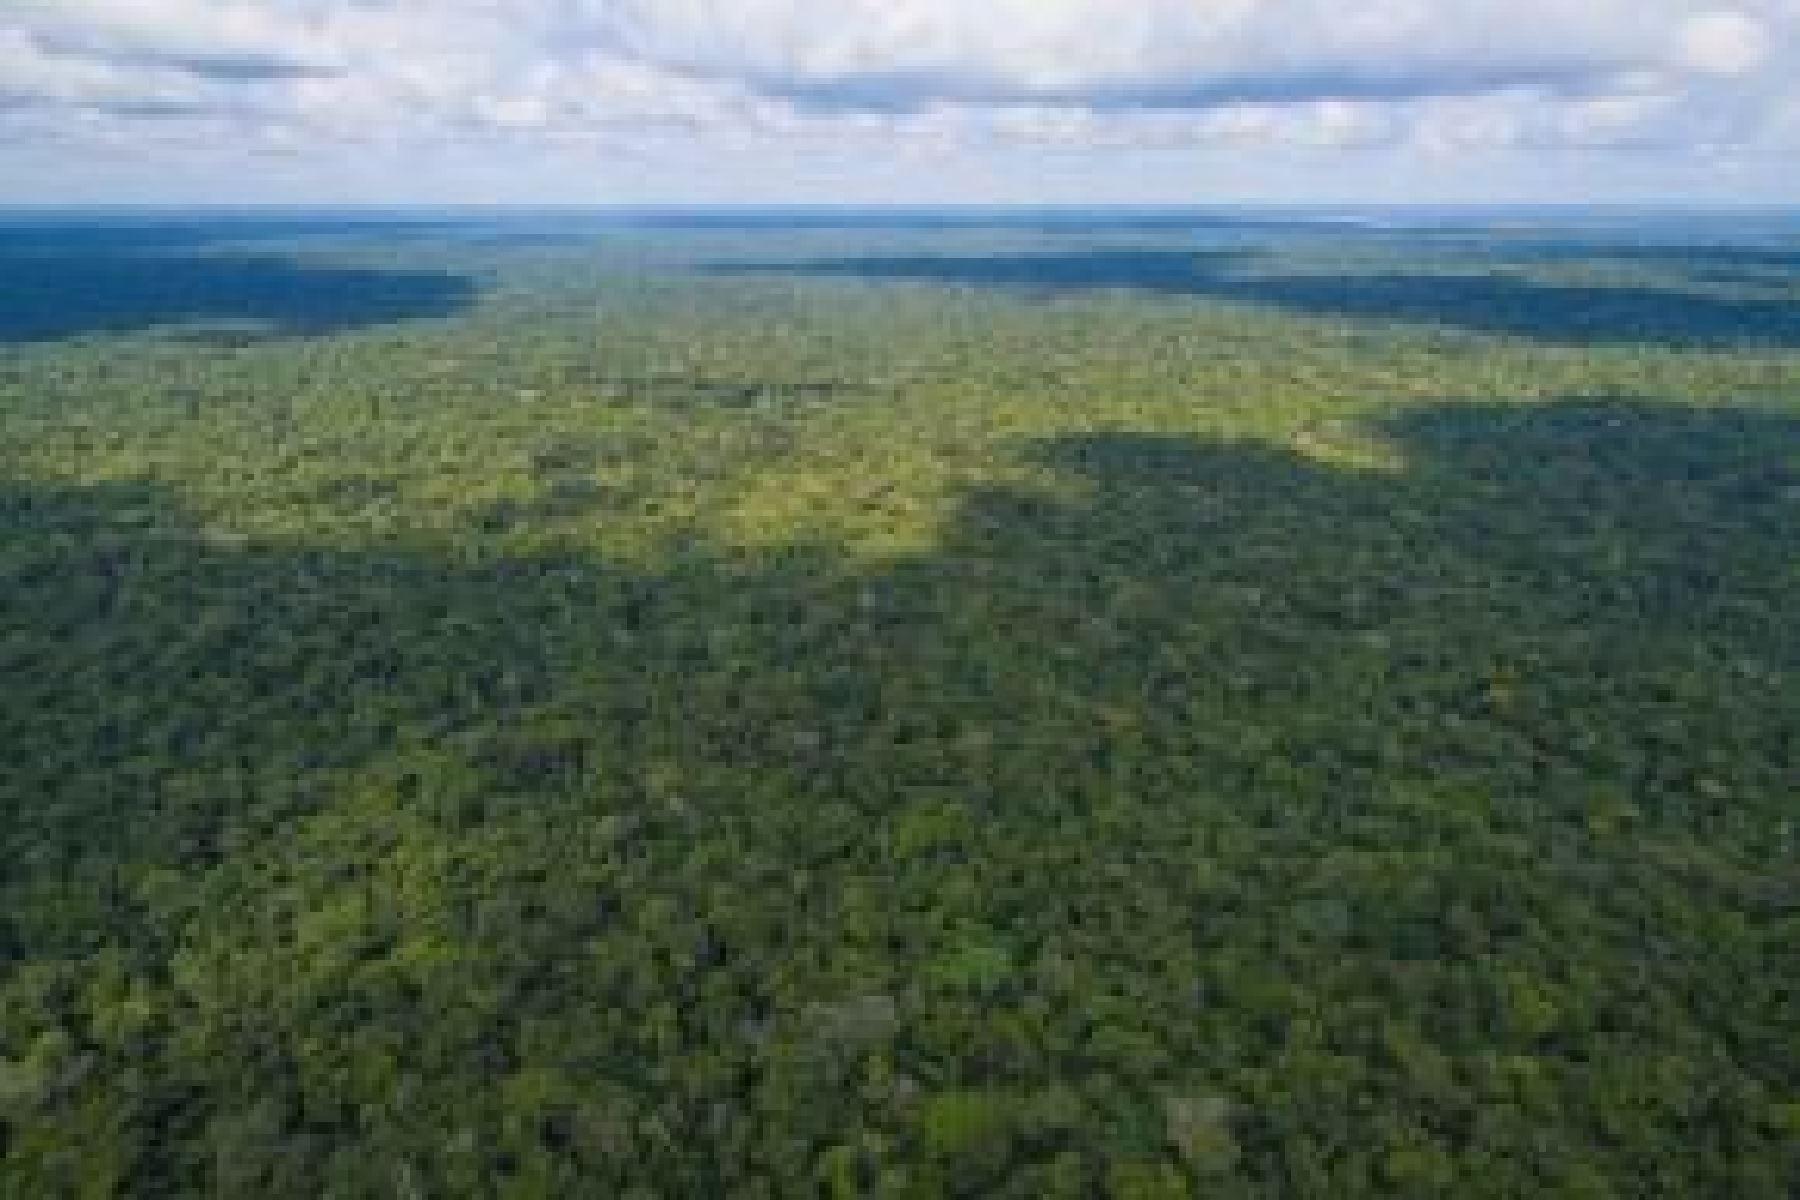 El distrito de Masisea, en la región Ucayali, será sede del Primer Encuentro de Embajadores y Ministros en la Amazonia por el Cambio Climático (EEMACC), a realizarse el próximo 12 de Octubre, para definir acciones prioritarias y enfrentar los retos que demanda este tema en todo el mundo y la defensa del medio ambiente.  ANDINA/Difusión